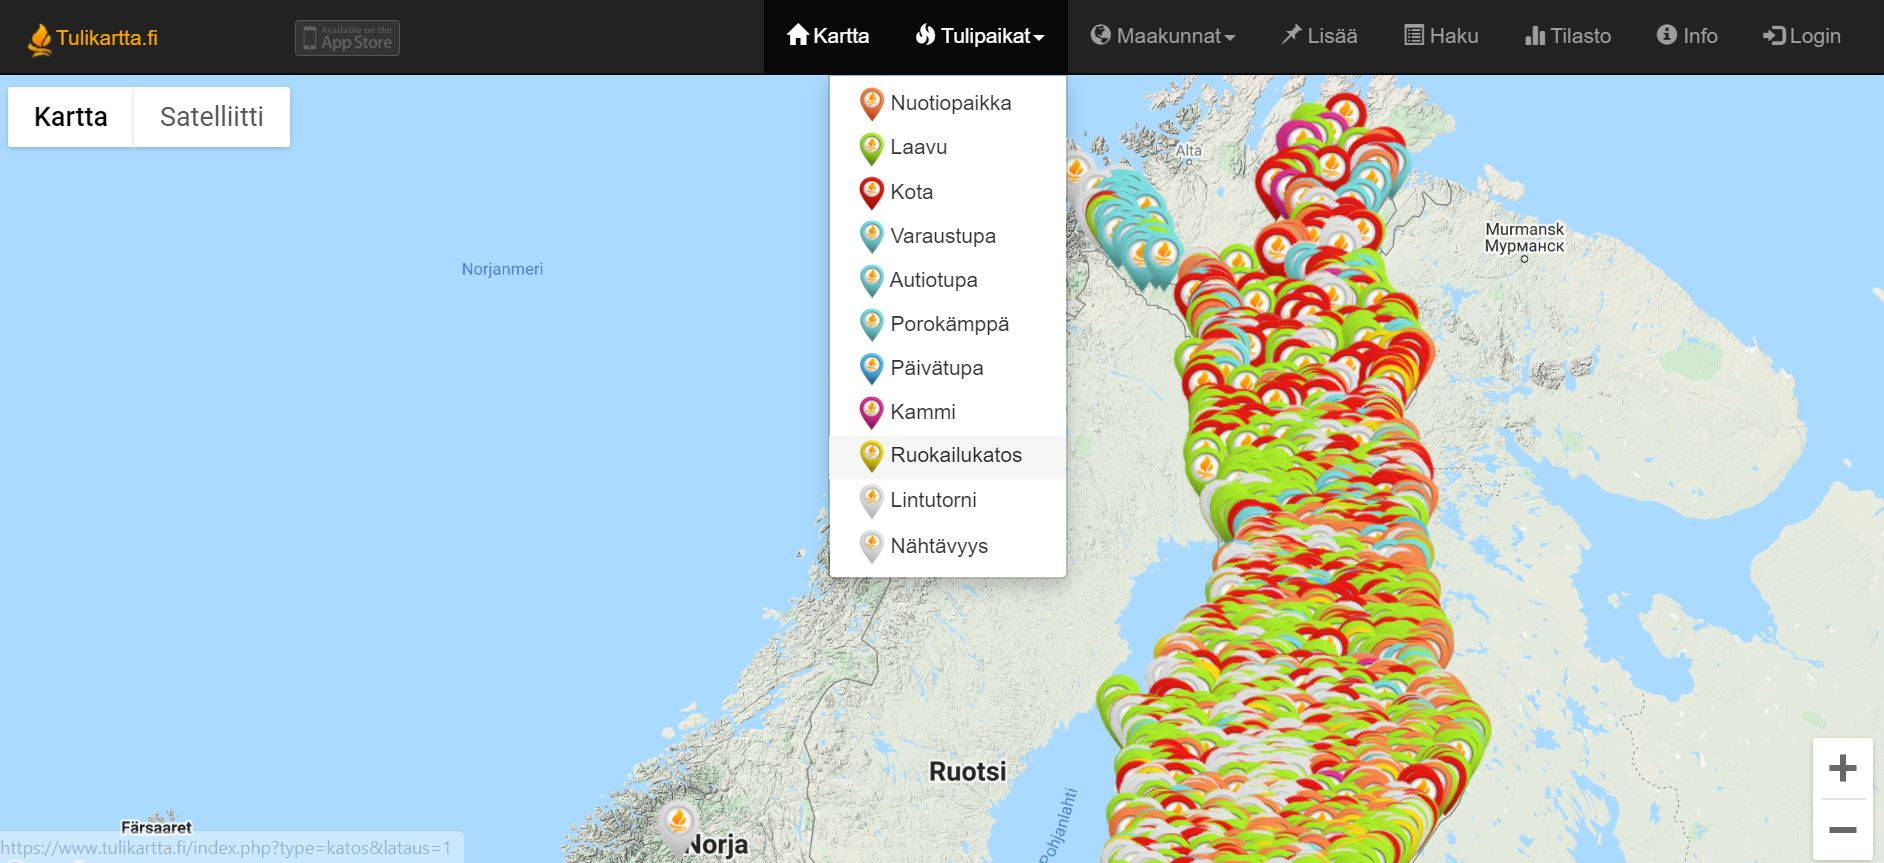 tulikartta-fi-tulentekopaikat-kartalla